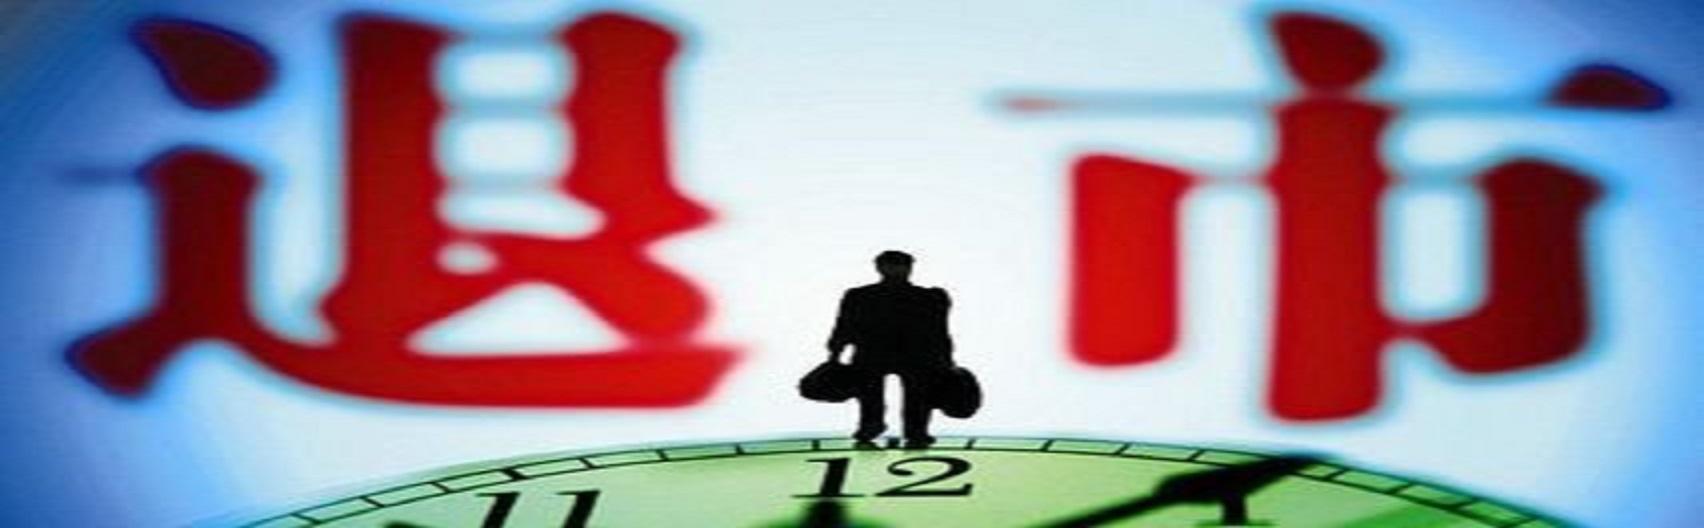 退市海潤連續刷新紀錄 股價的最低極限會是0.05元嗎